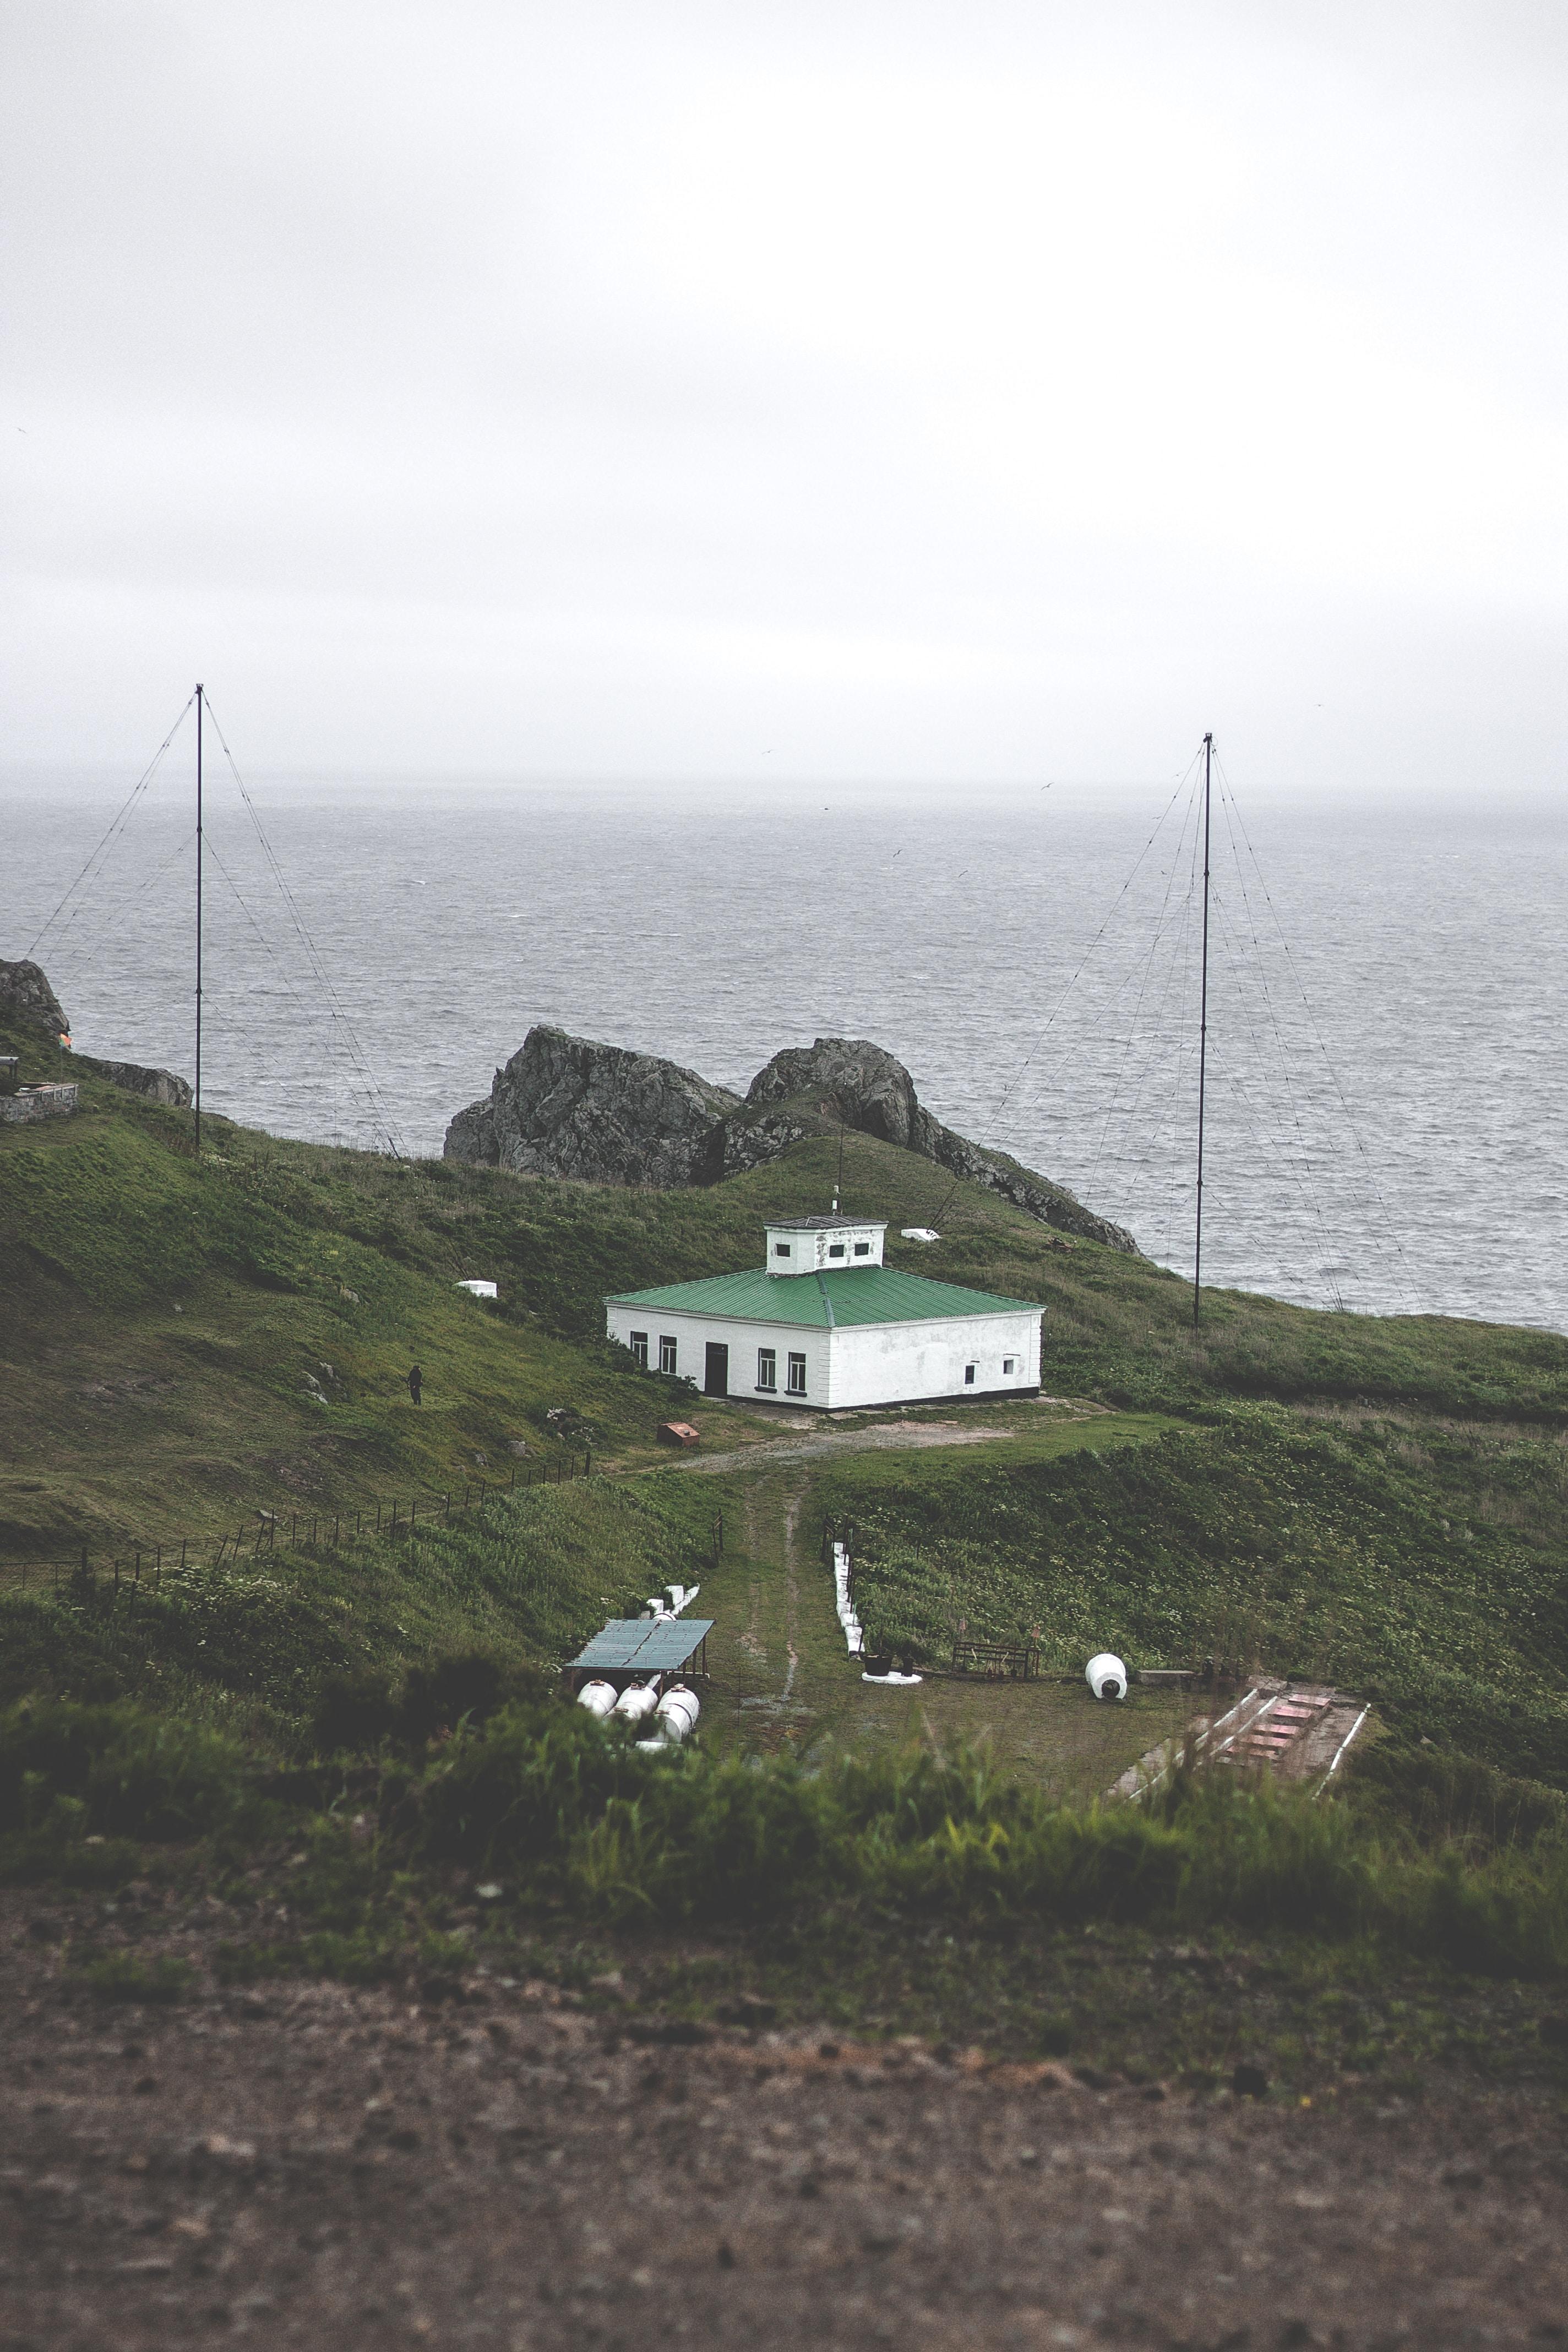 concrete house on mountain near sea